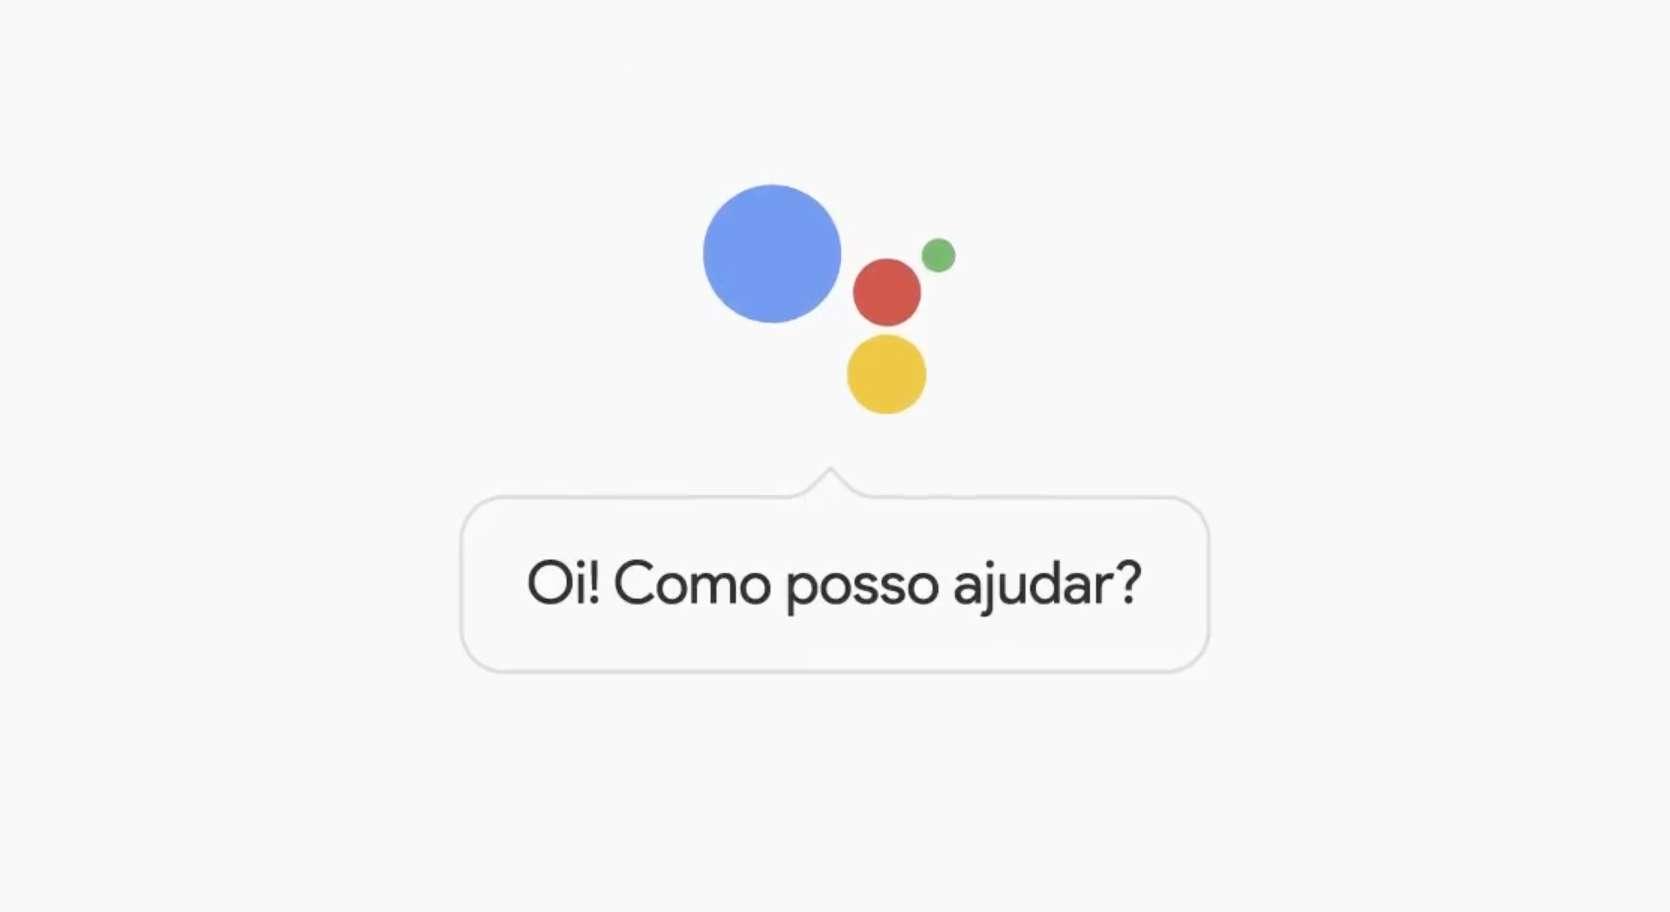 Relógio do Google Agora Tem Integração com Rotinas da Assistente capa 2